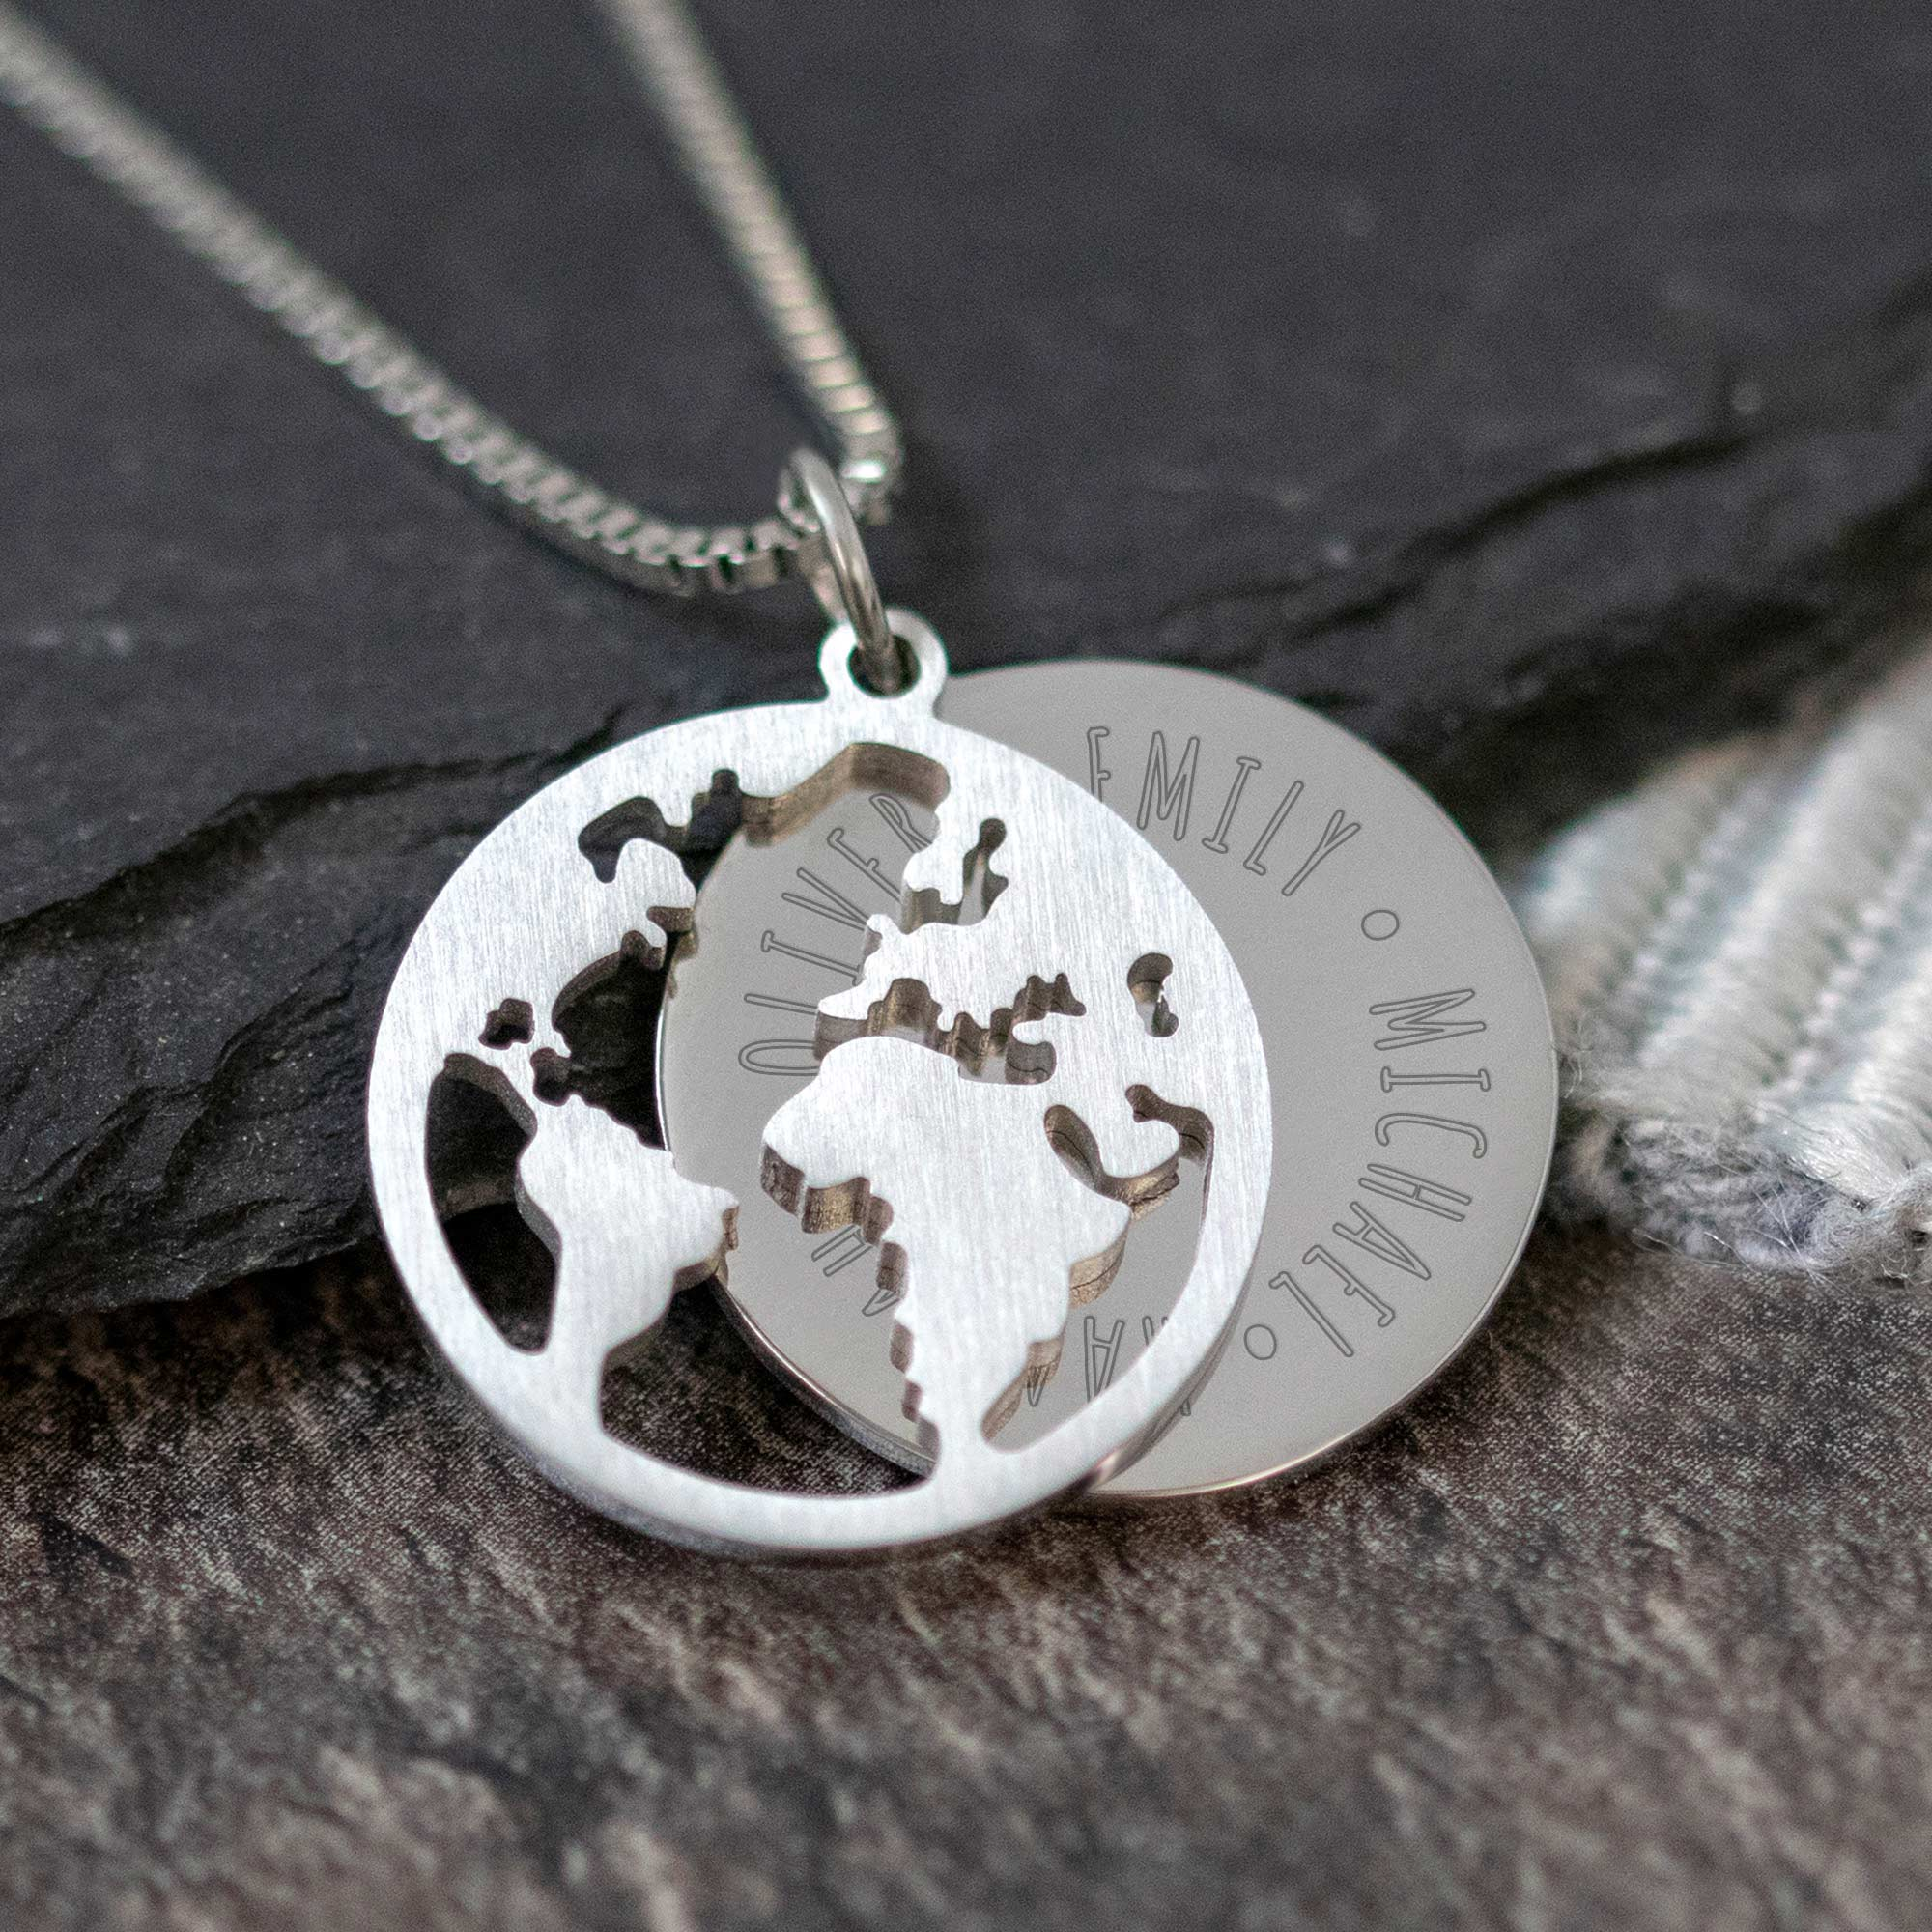 Halskette mit Gravur - Globus und Namen - Silber - Personalisiert